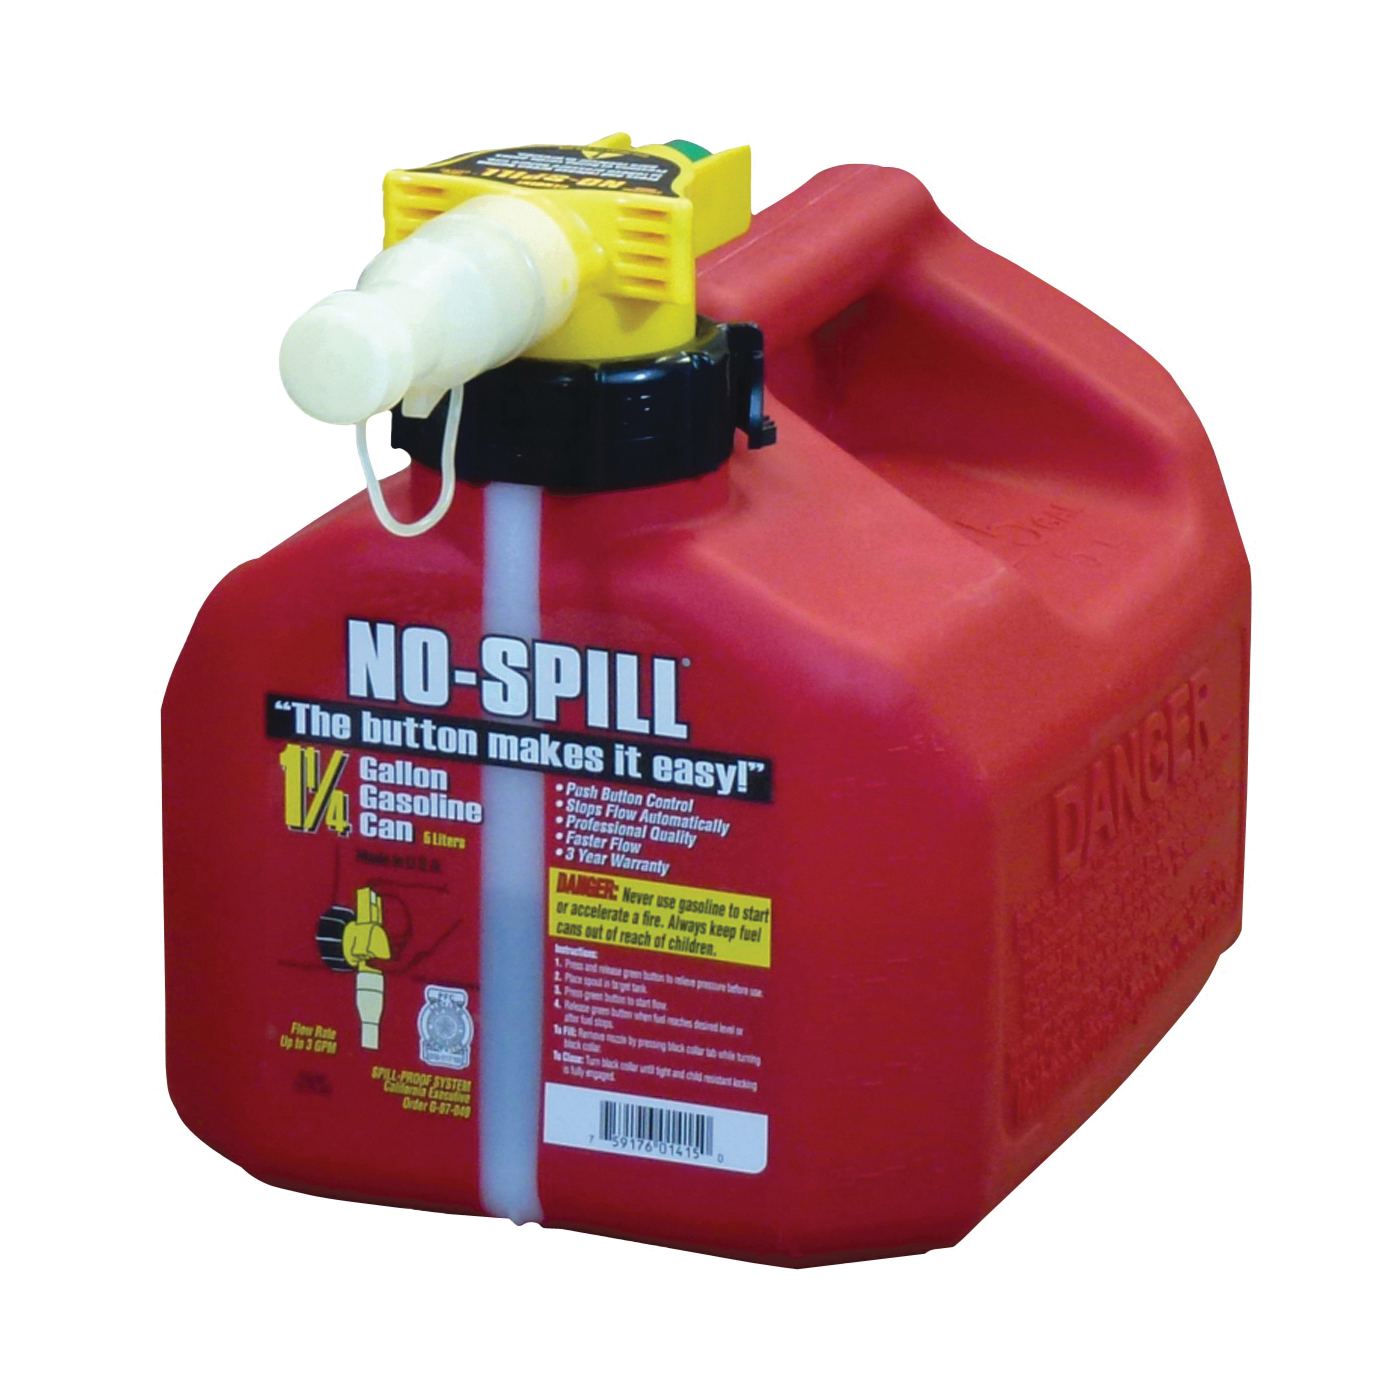 No-Spill 1415